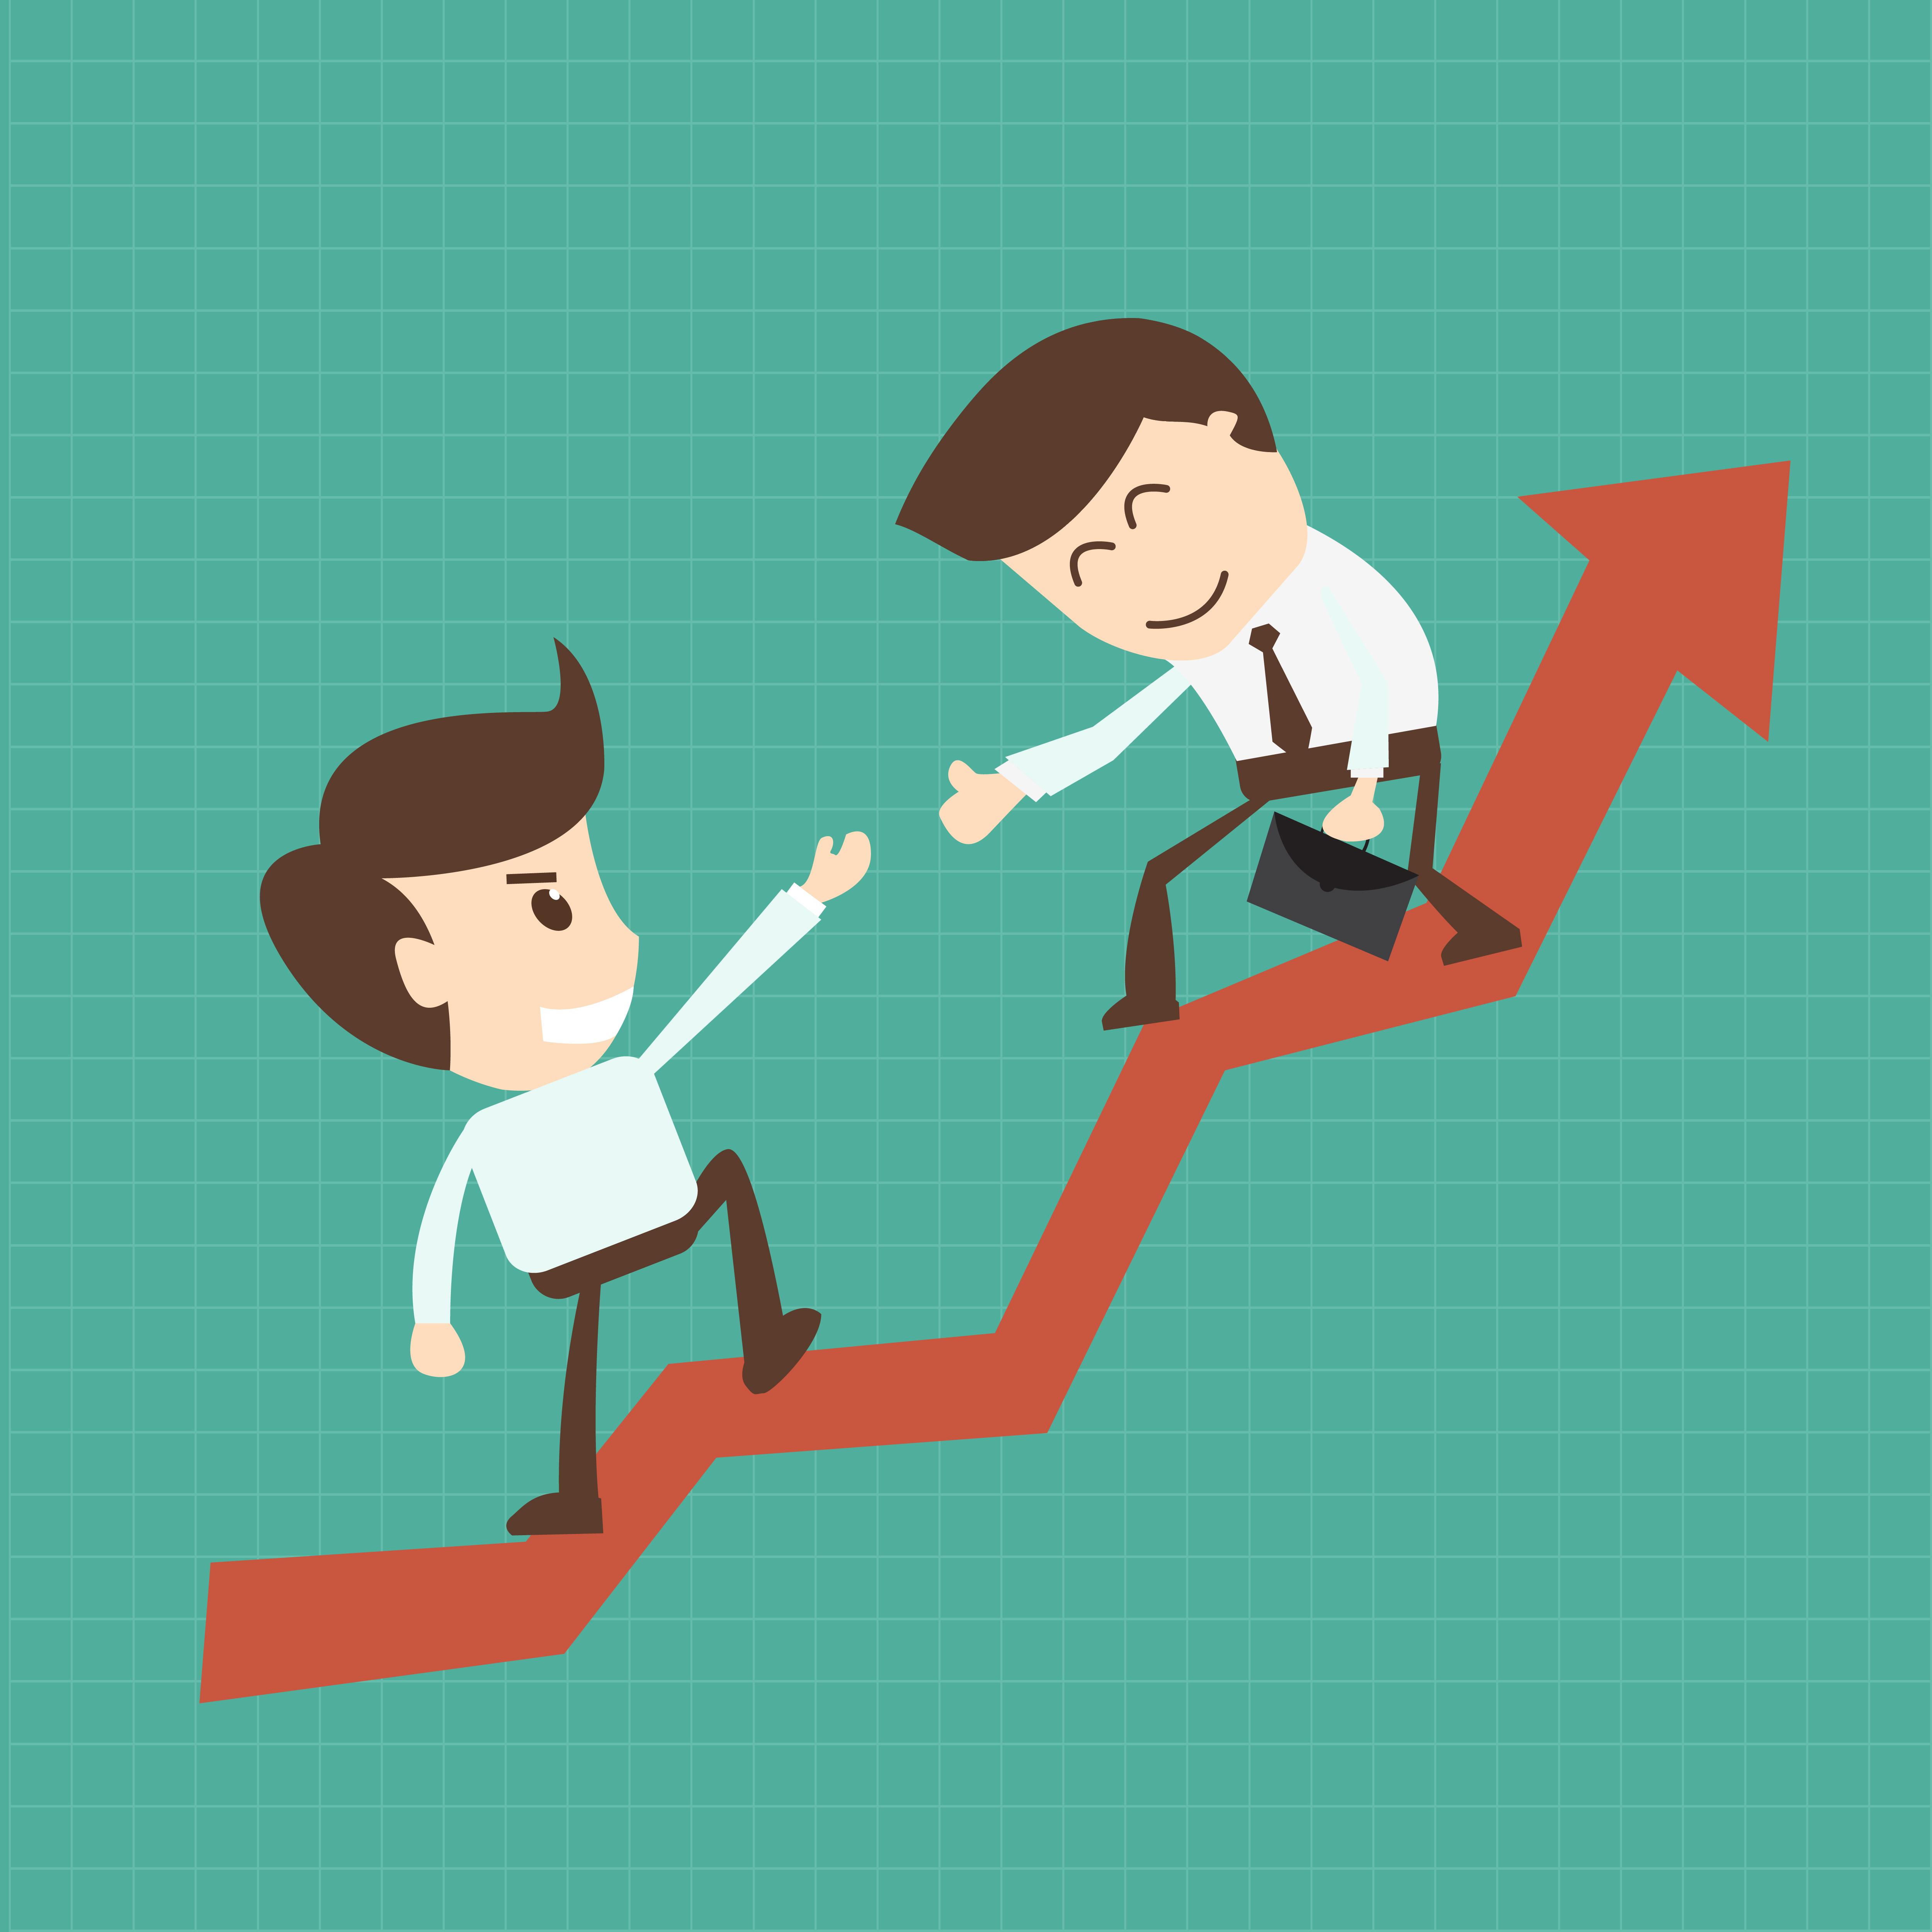 Выращивание конкурентов или инвестиция в будущее? чем полезно менторство для программиста